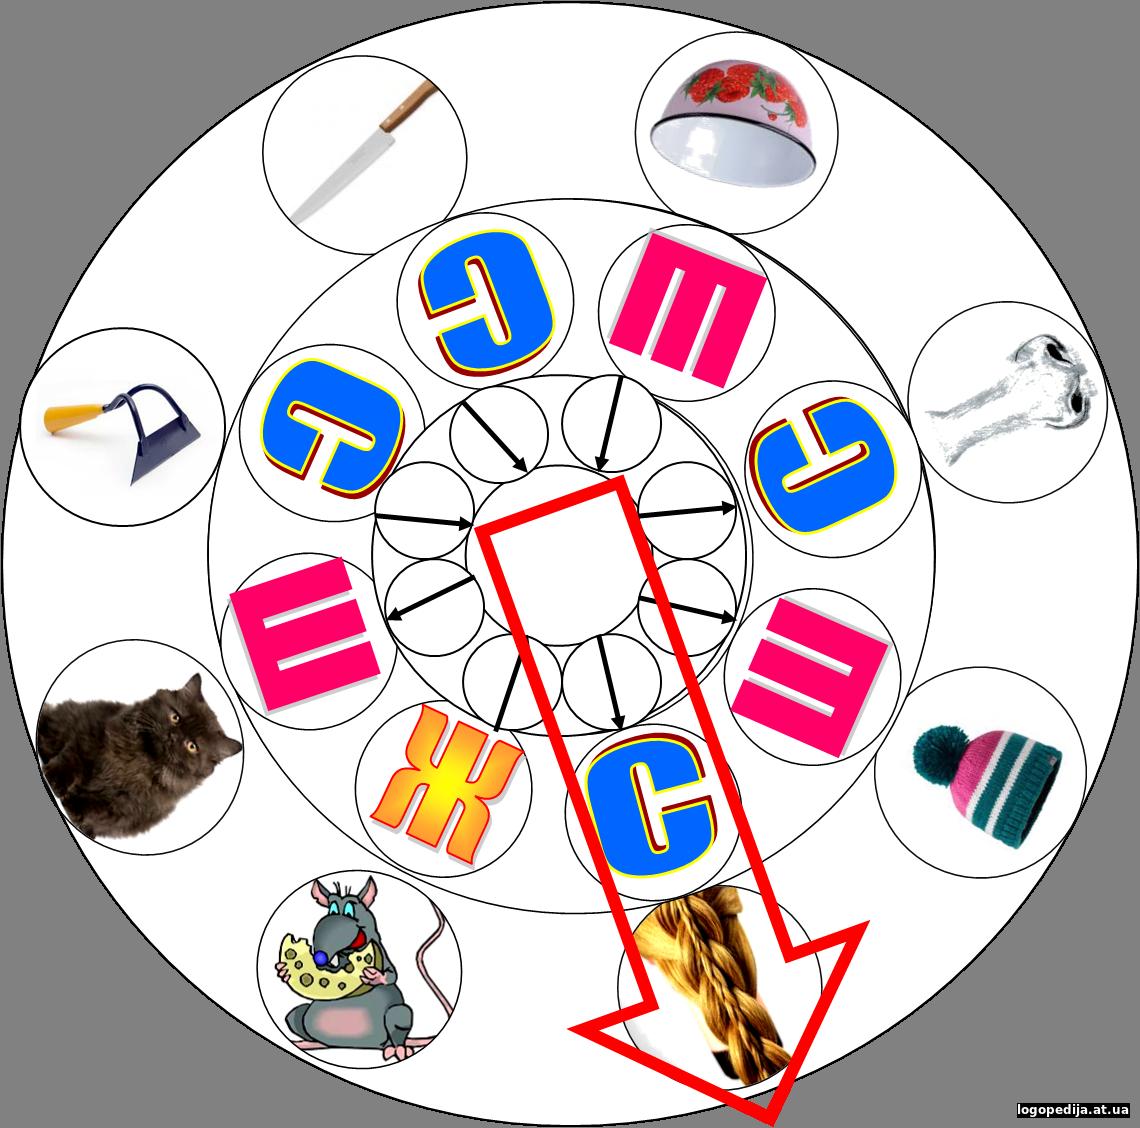 Мовлення - Дидактичні ігри - Каталог файлів - Логопедична новинка ... 7bdb1970a456f